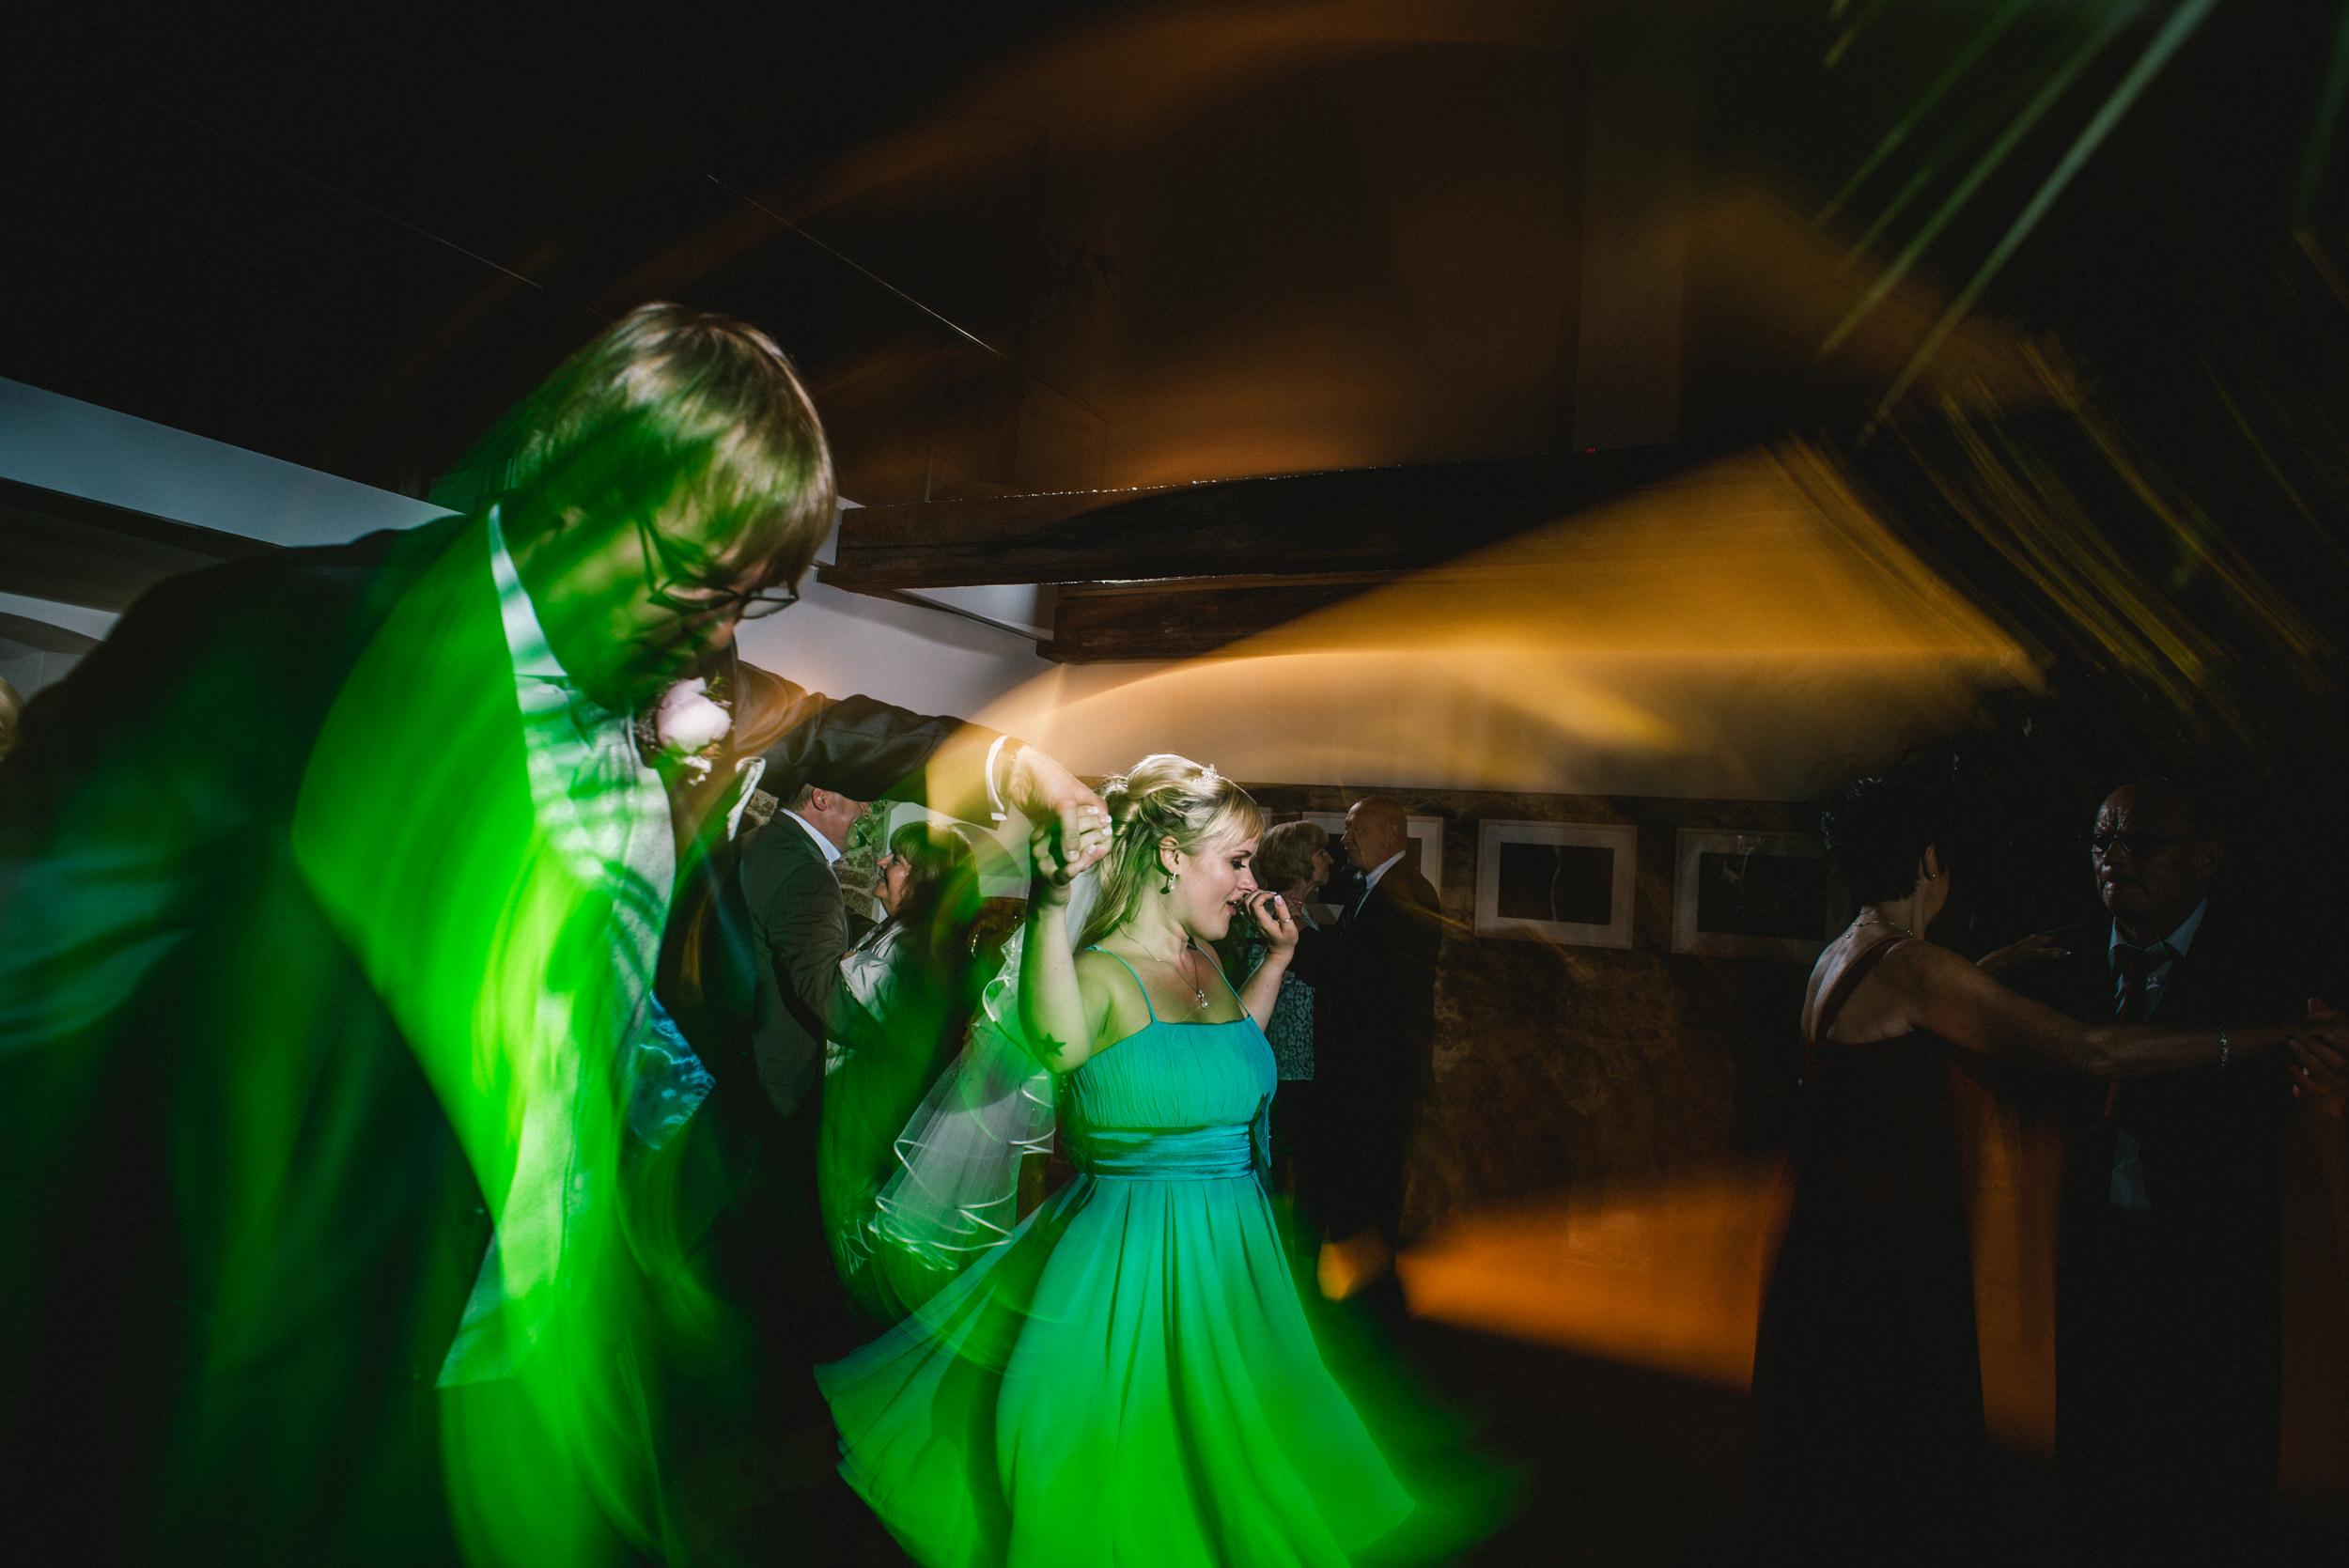 Paul_Glaser_Hochzeitsfotograf-14